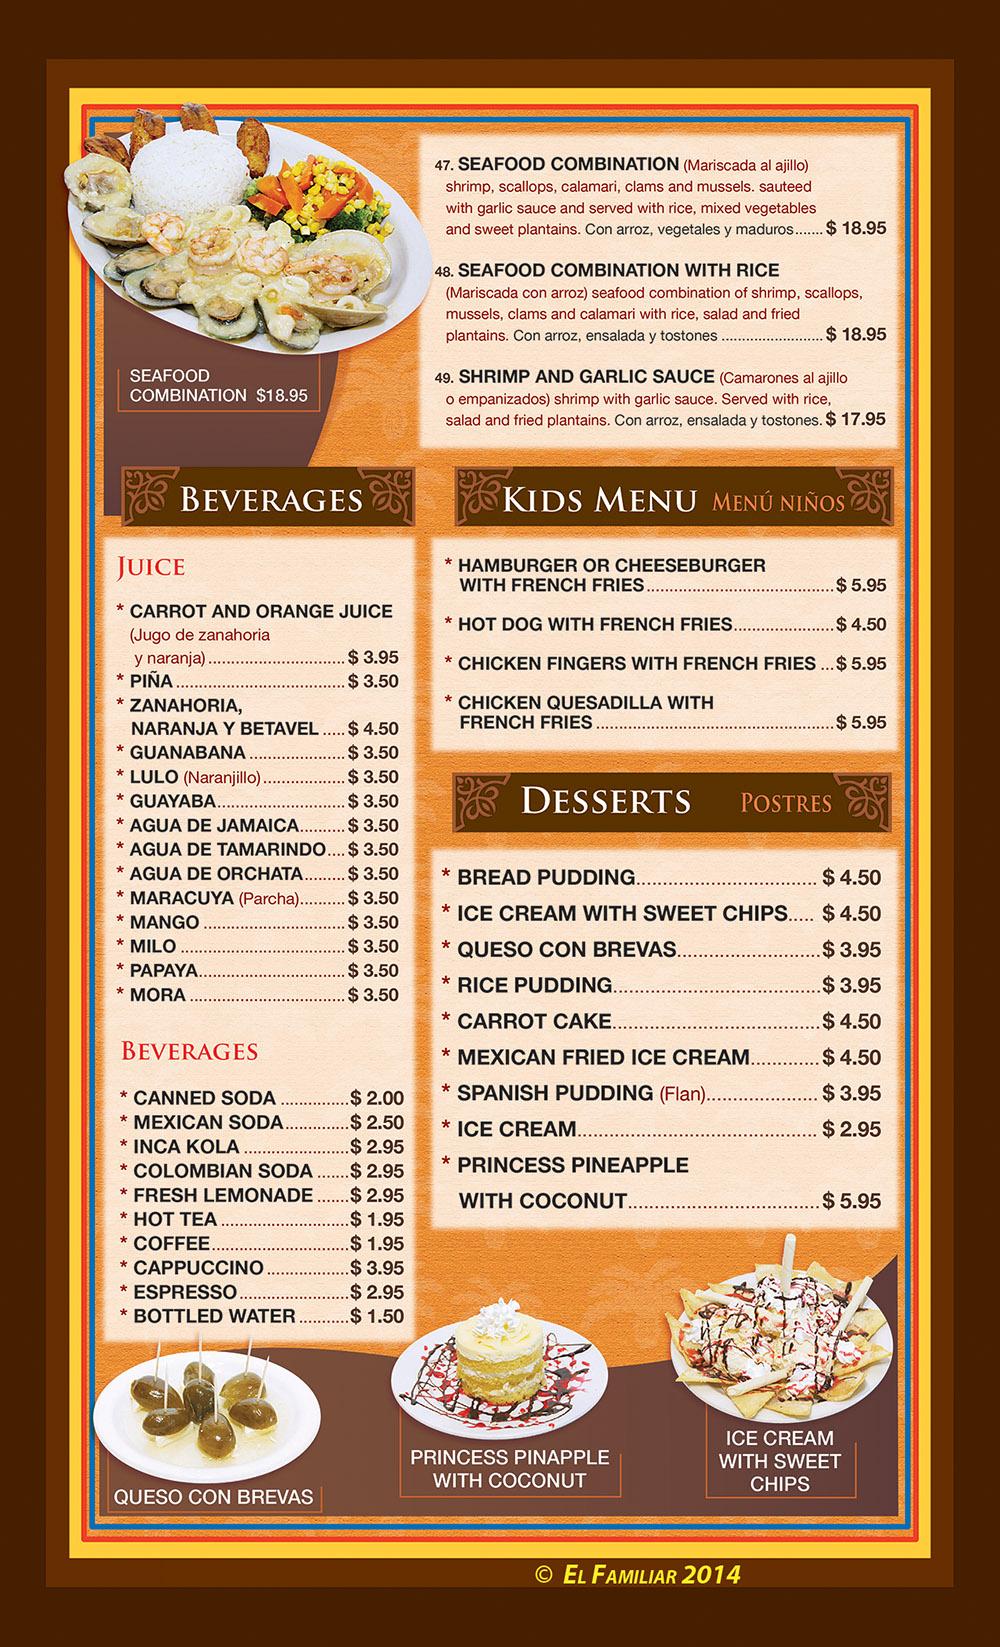 El familiar menu page 5